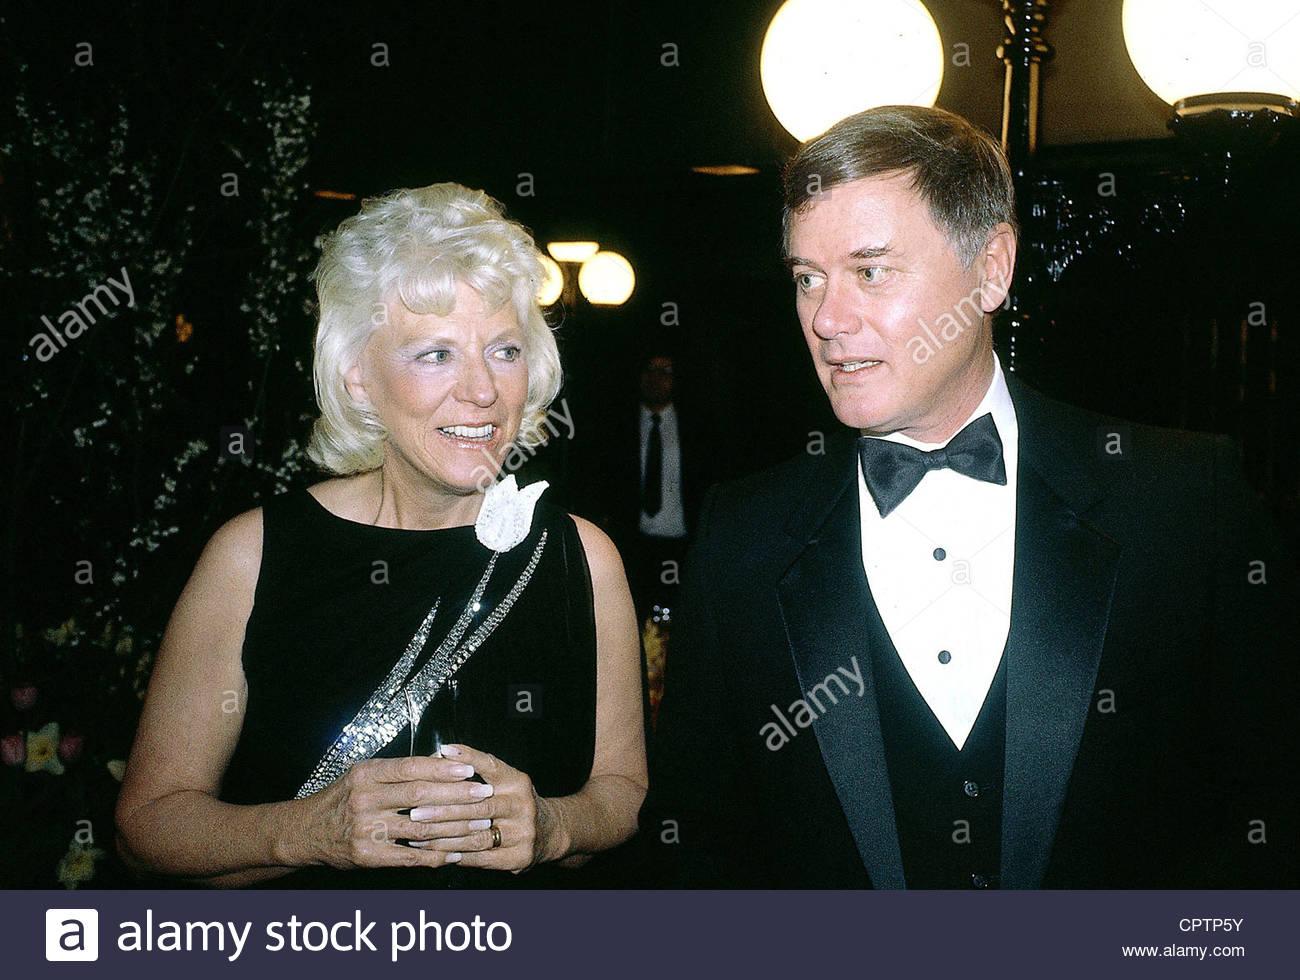 Hagman, Larry, * 21.9.1931, attore statunitense, ritratto, con sua moglie Maj Axlsson, a una festa, Monaco, 1982, Immagini Stock